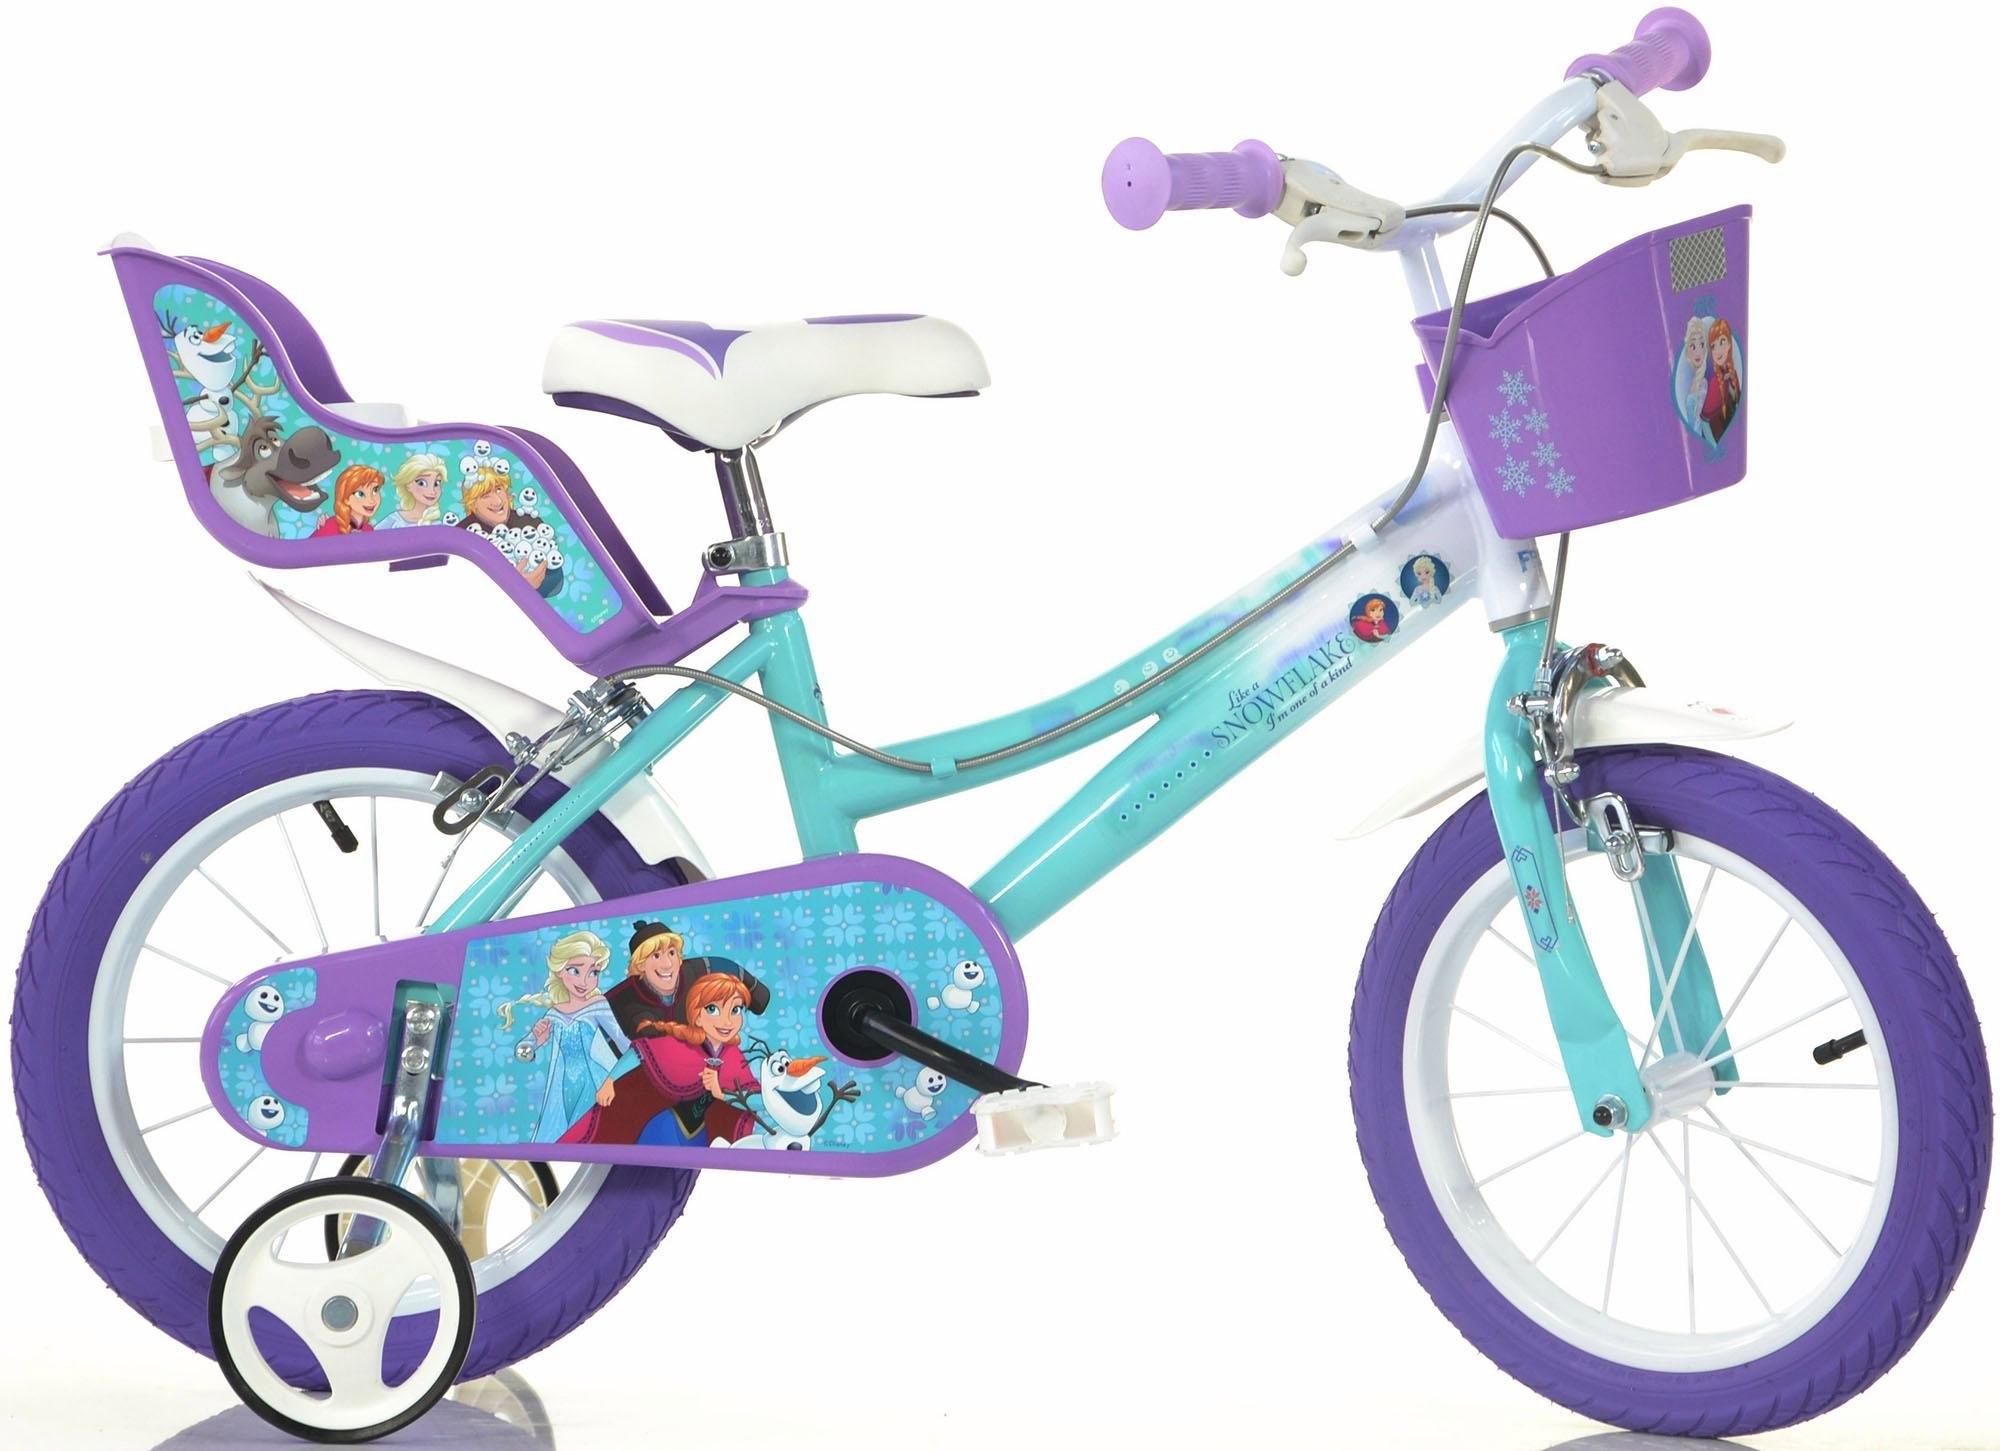 Dino kinderfiets voor meisje, 16 inch, 1 versnelling, »Frozen« voordelig en veilig online kopen